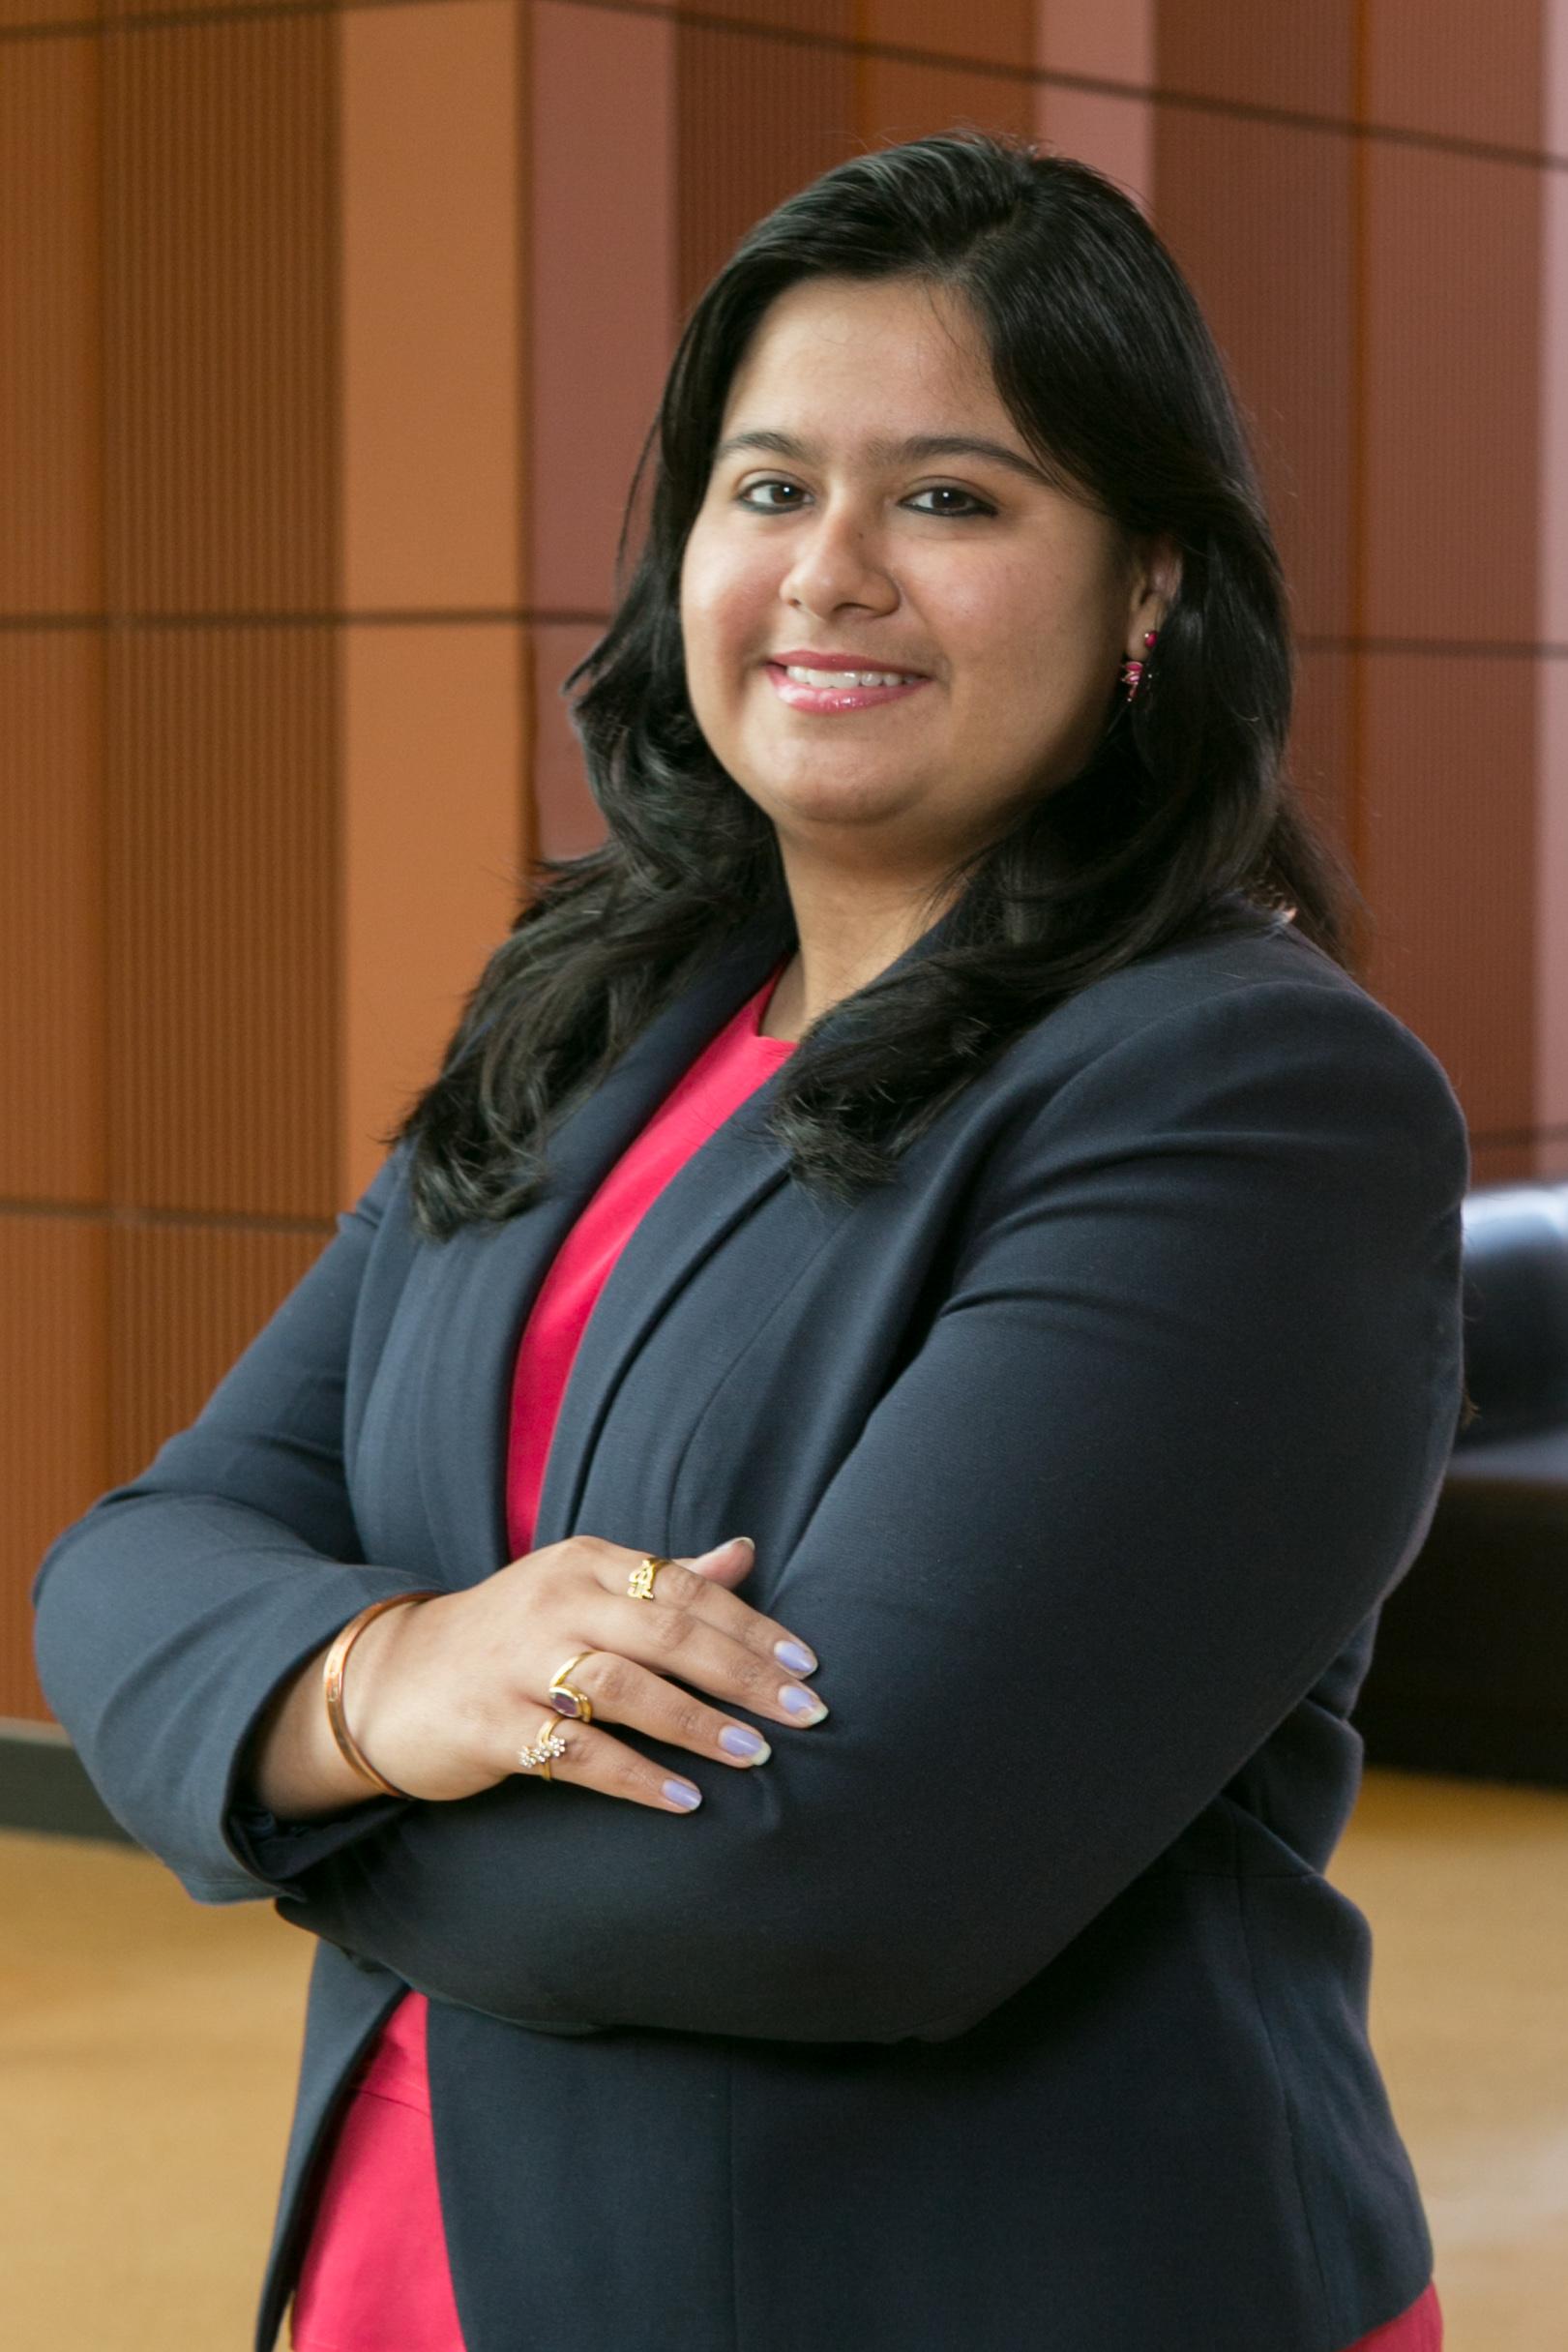 Queenie Bhardwaj